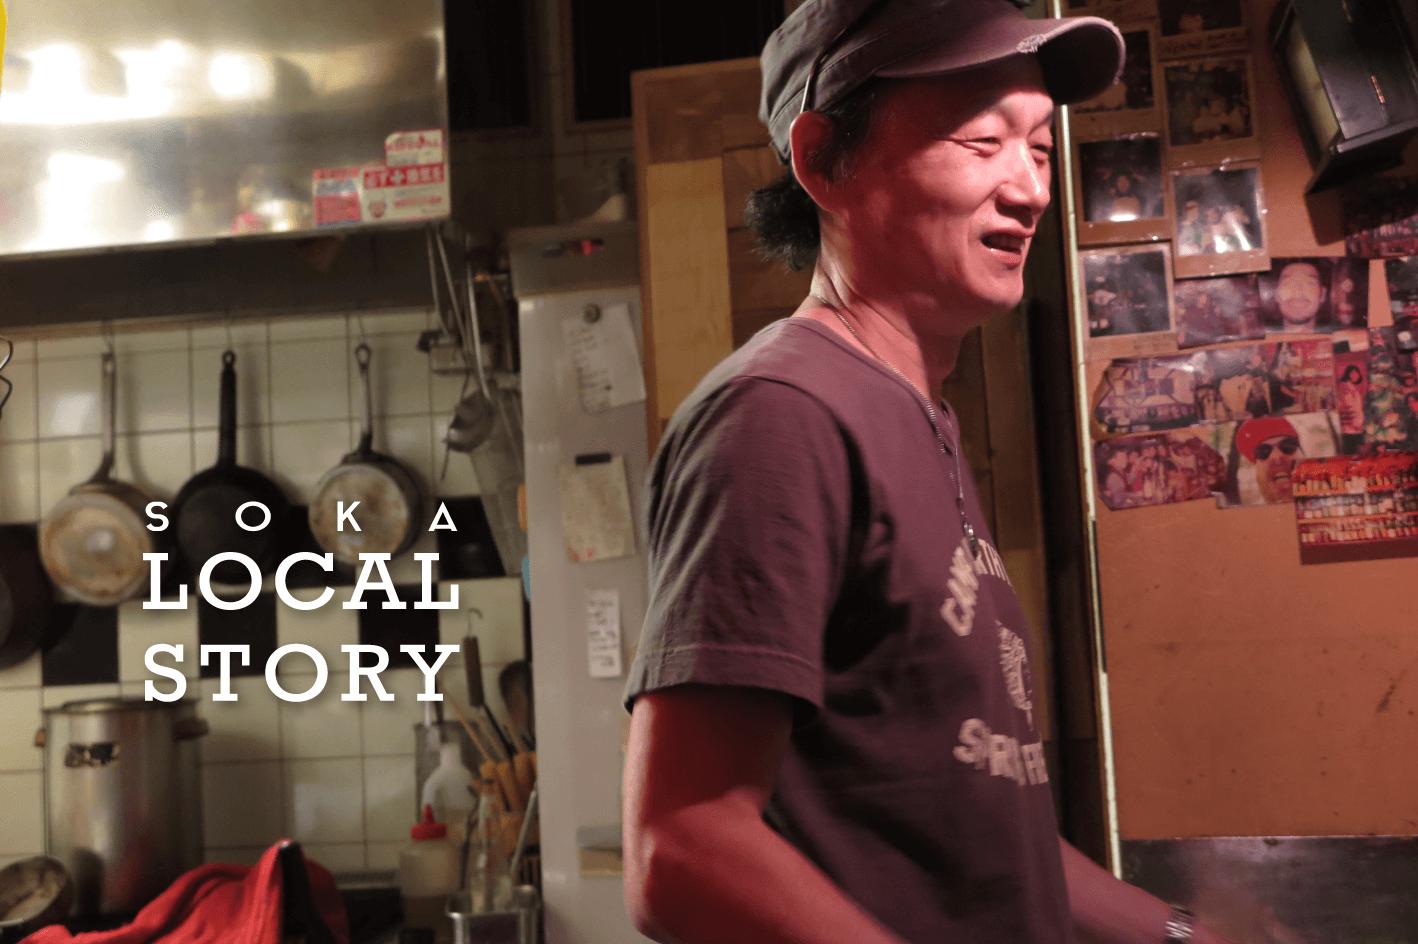 ローカルWEBメディア・地域サイト 草加ローカルストーリー 影山保行さん バー サファイア トップ写真